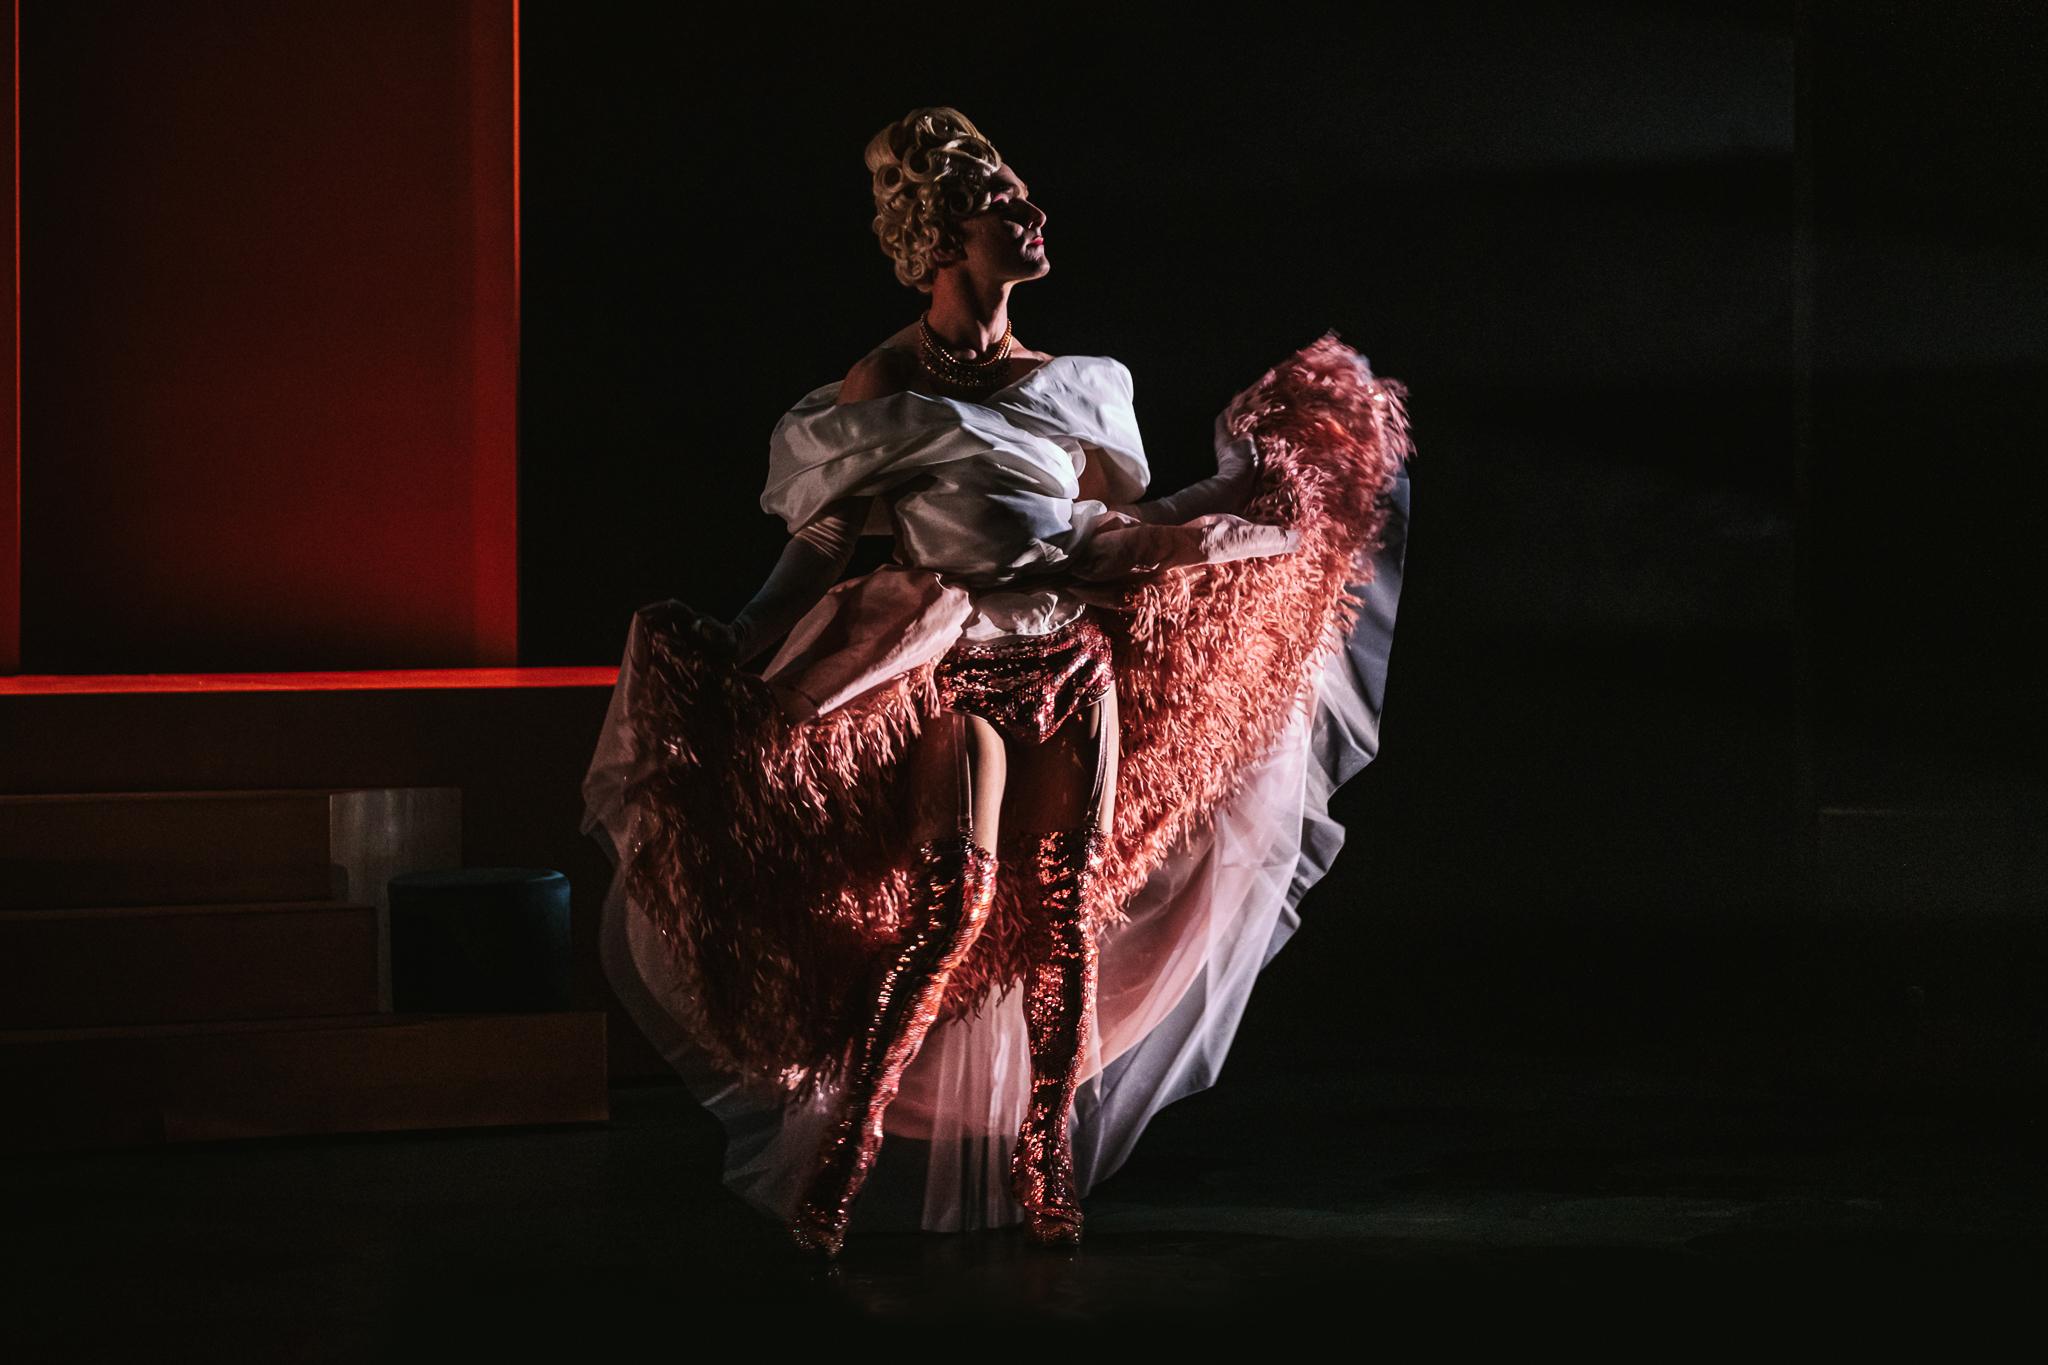 «Dans l'envers du décor»: Virginie Leclerc, conceptrice de costumes et accessoiriste